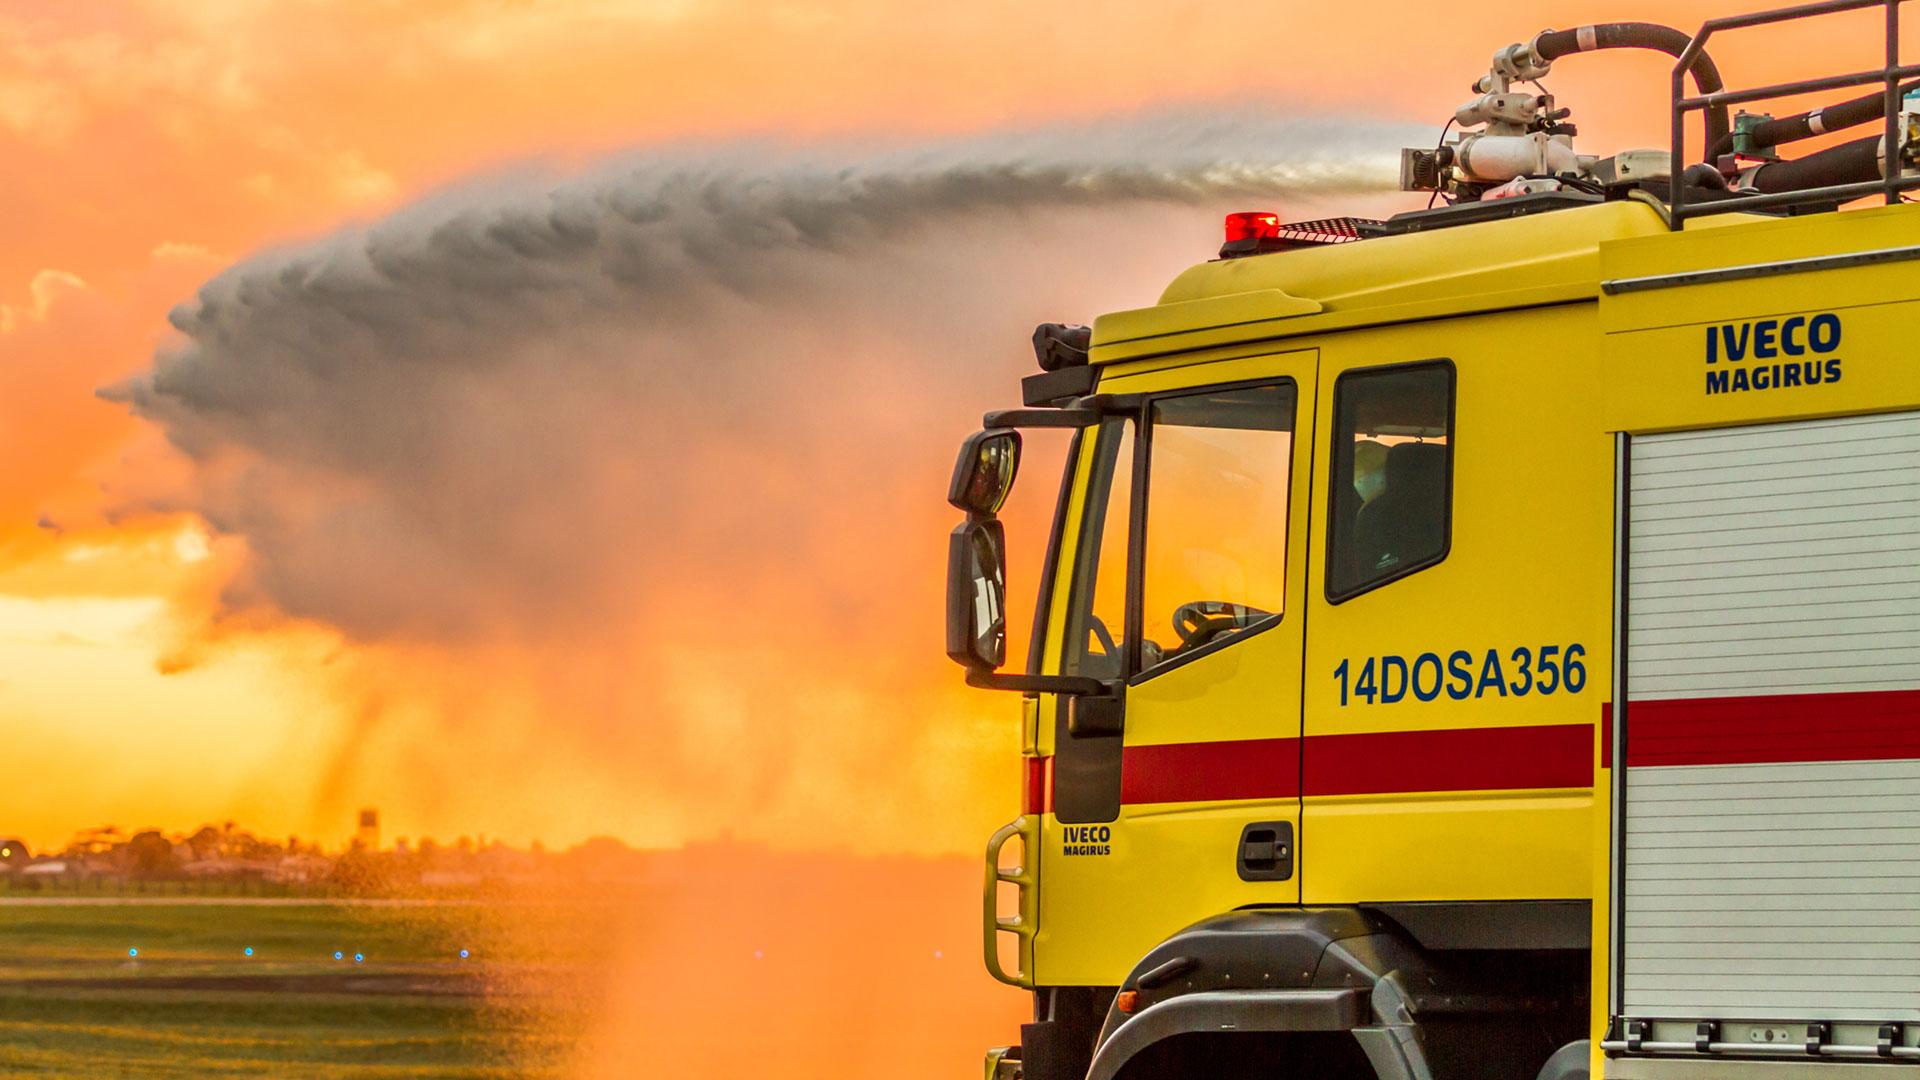 preparacion de oposiciones para bombero